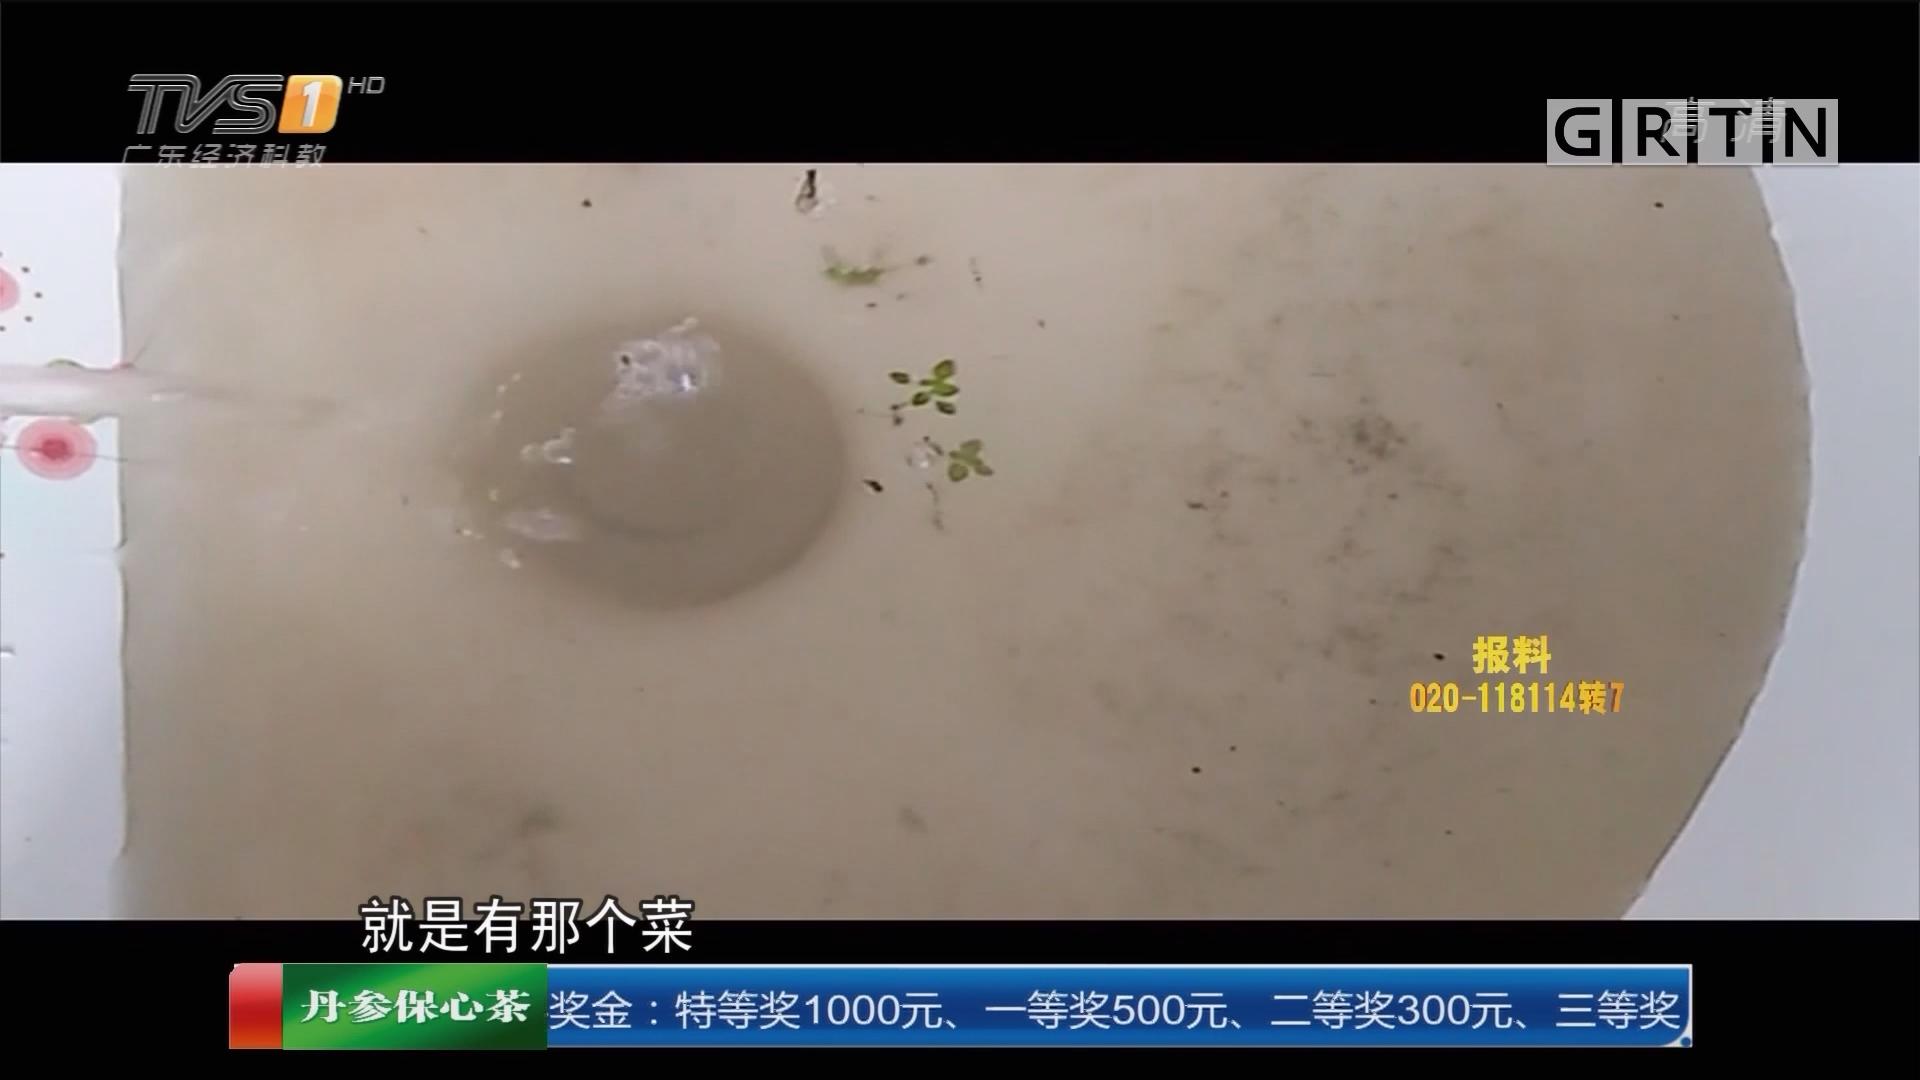 一线调查:汕尾陆河县 为何自来水逢雨天就变黄 还有菜叶?